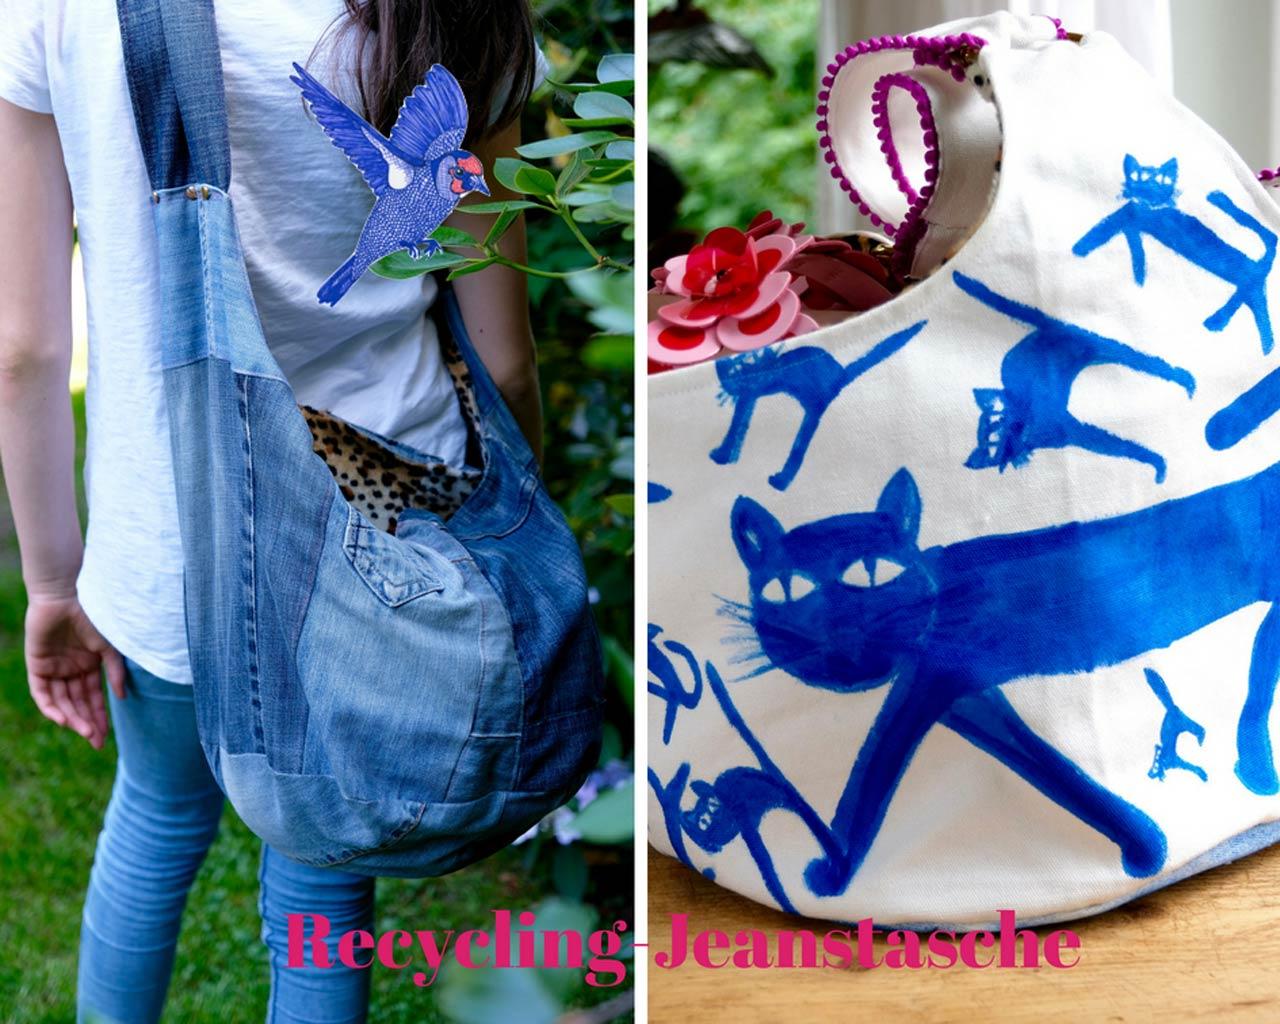 Recycling-Hippie-Jeanstaschen